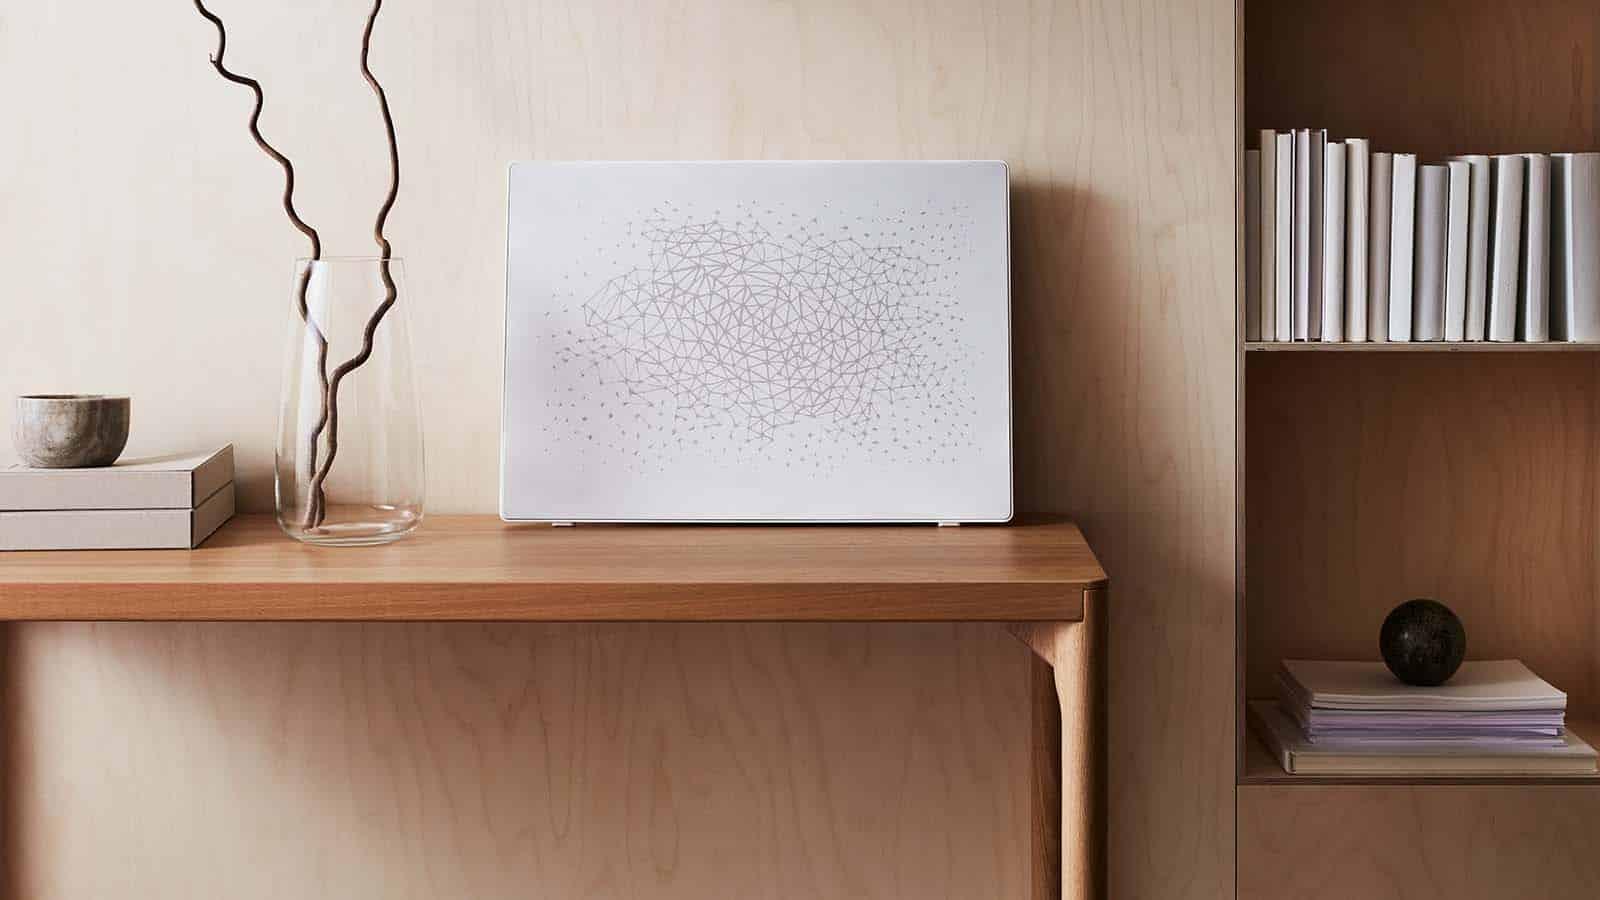 ikea sonos wall speaker